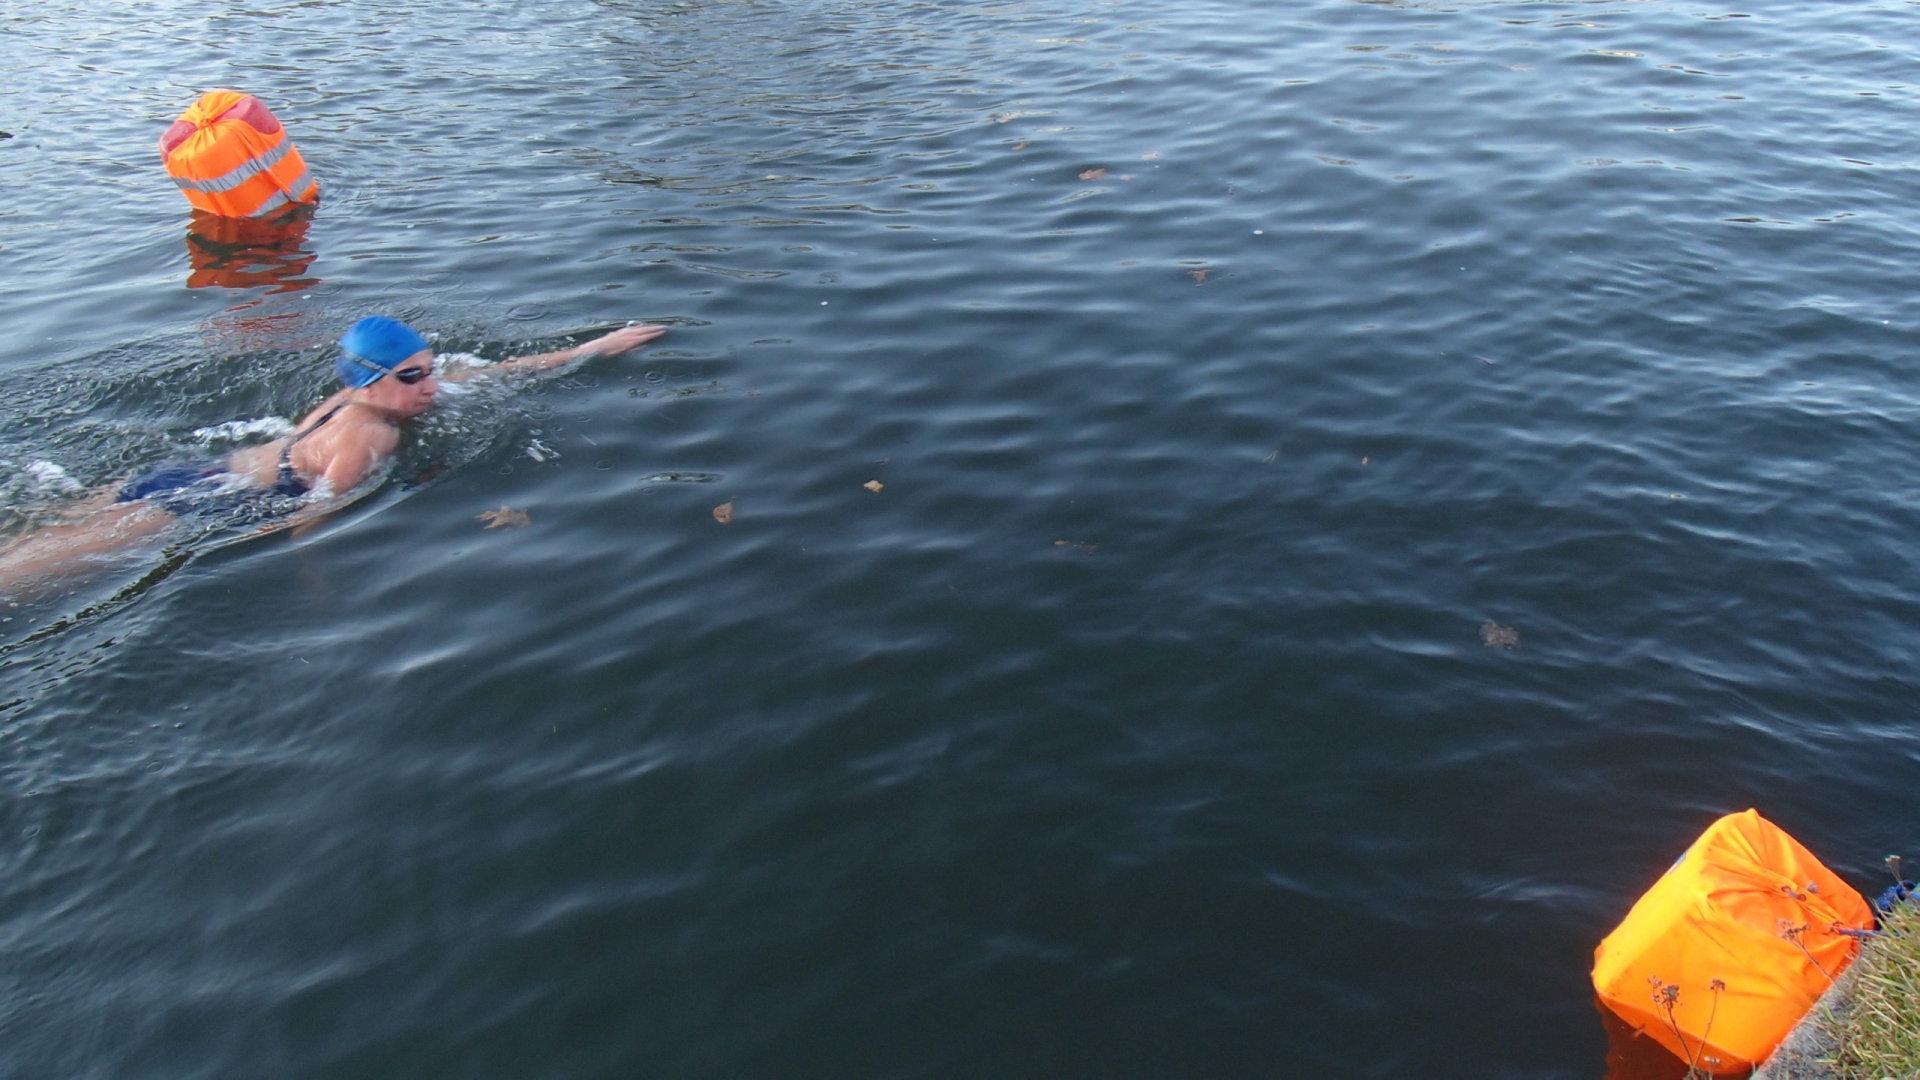 Otužilecké Labe 2019 - plavkyně v cíli tratě 500 metrů.